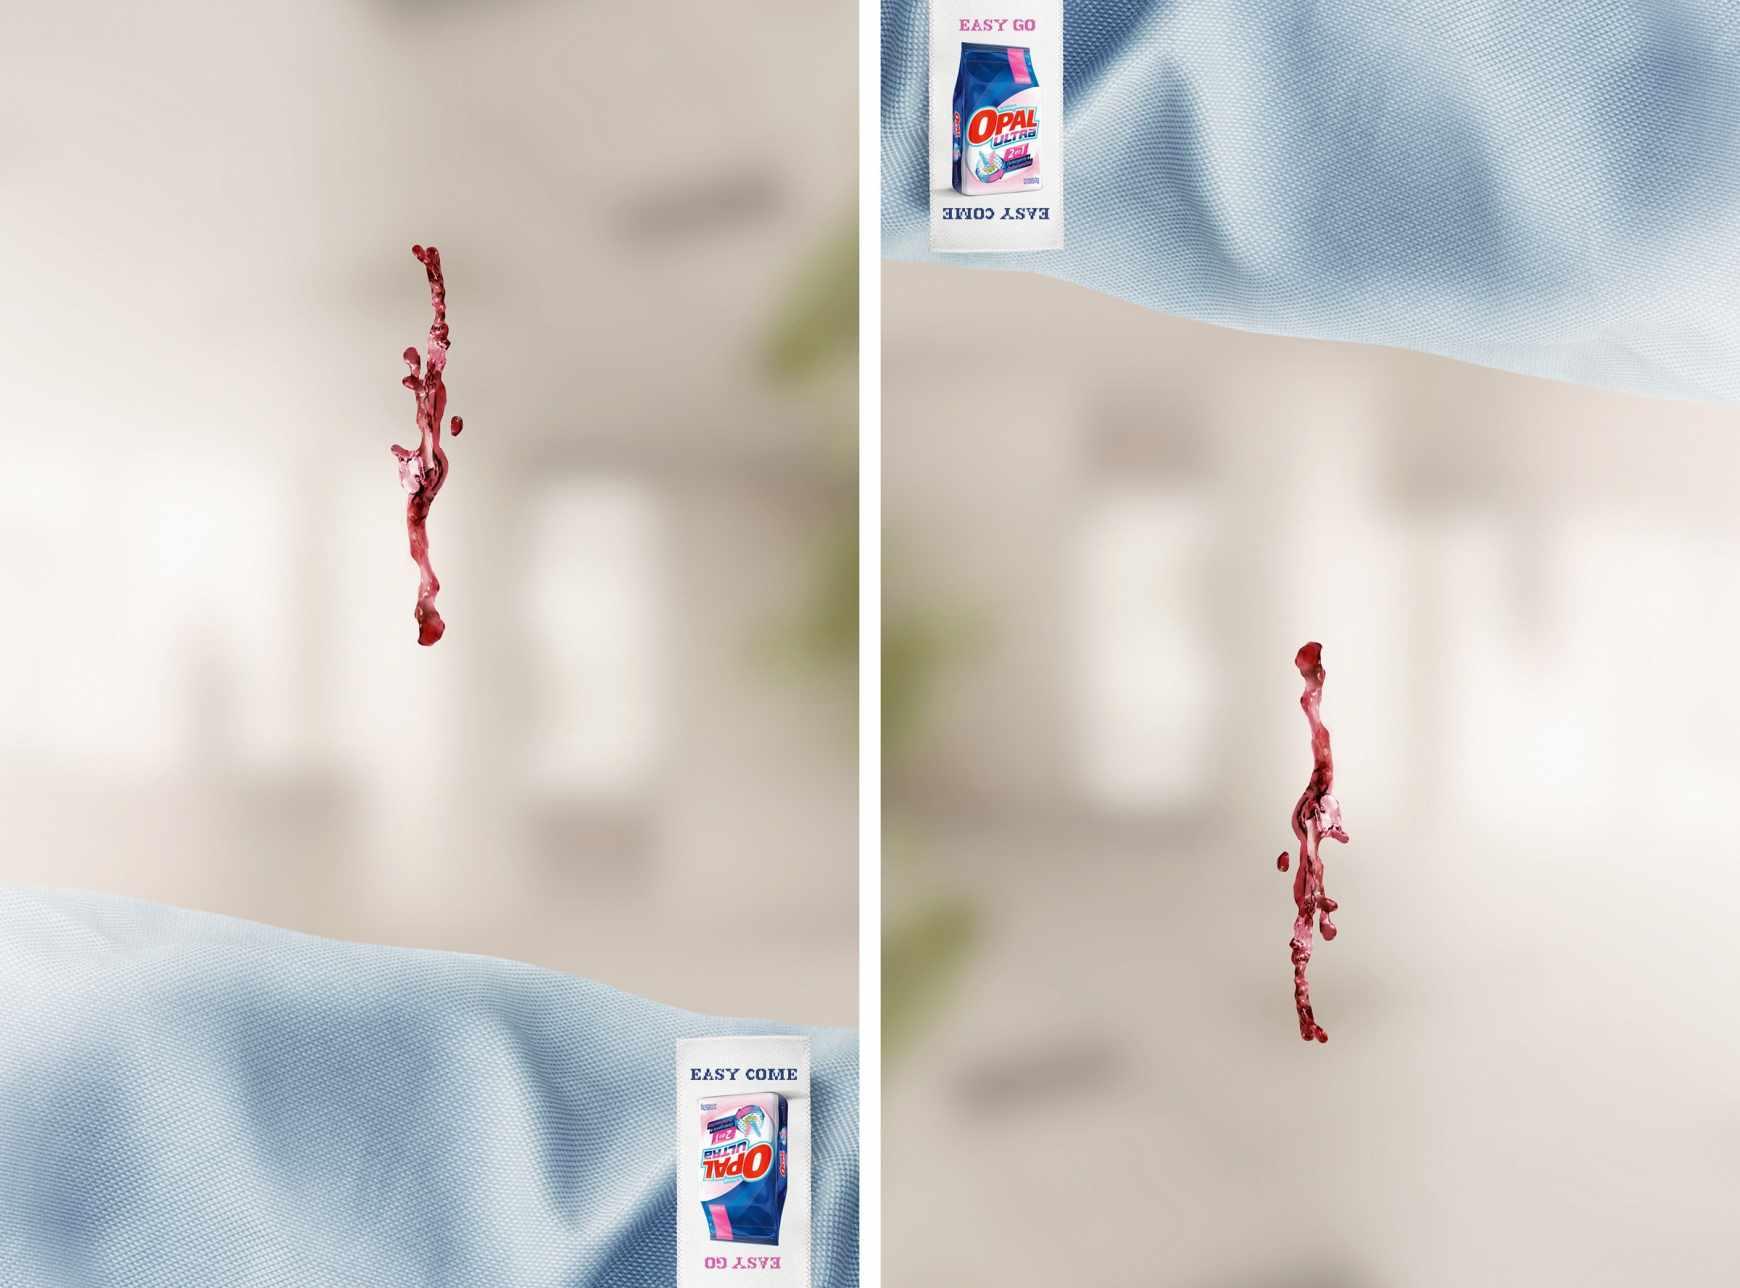 dans-ta-pub-publicite-print-creatif-creative-affiche-compilation-128-10